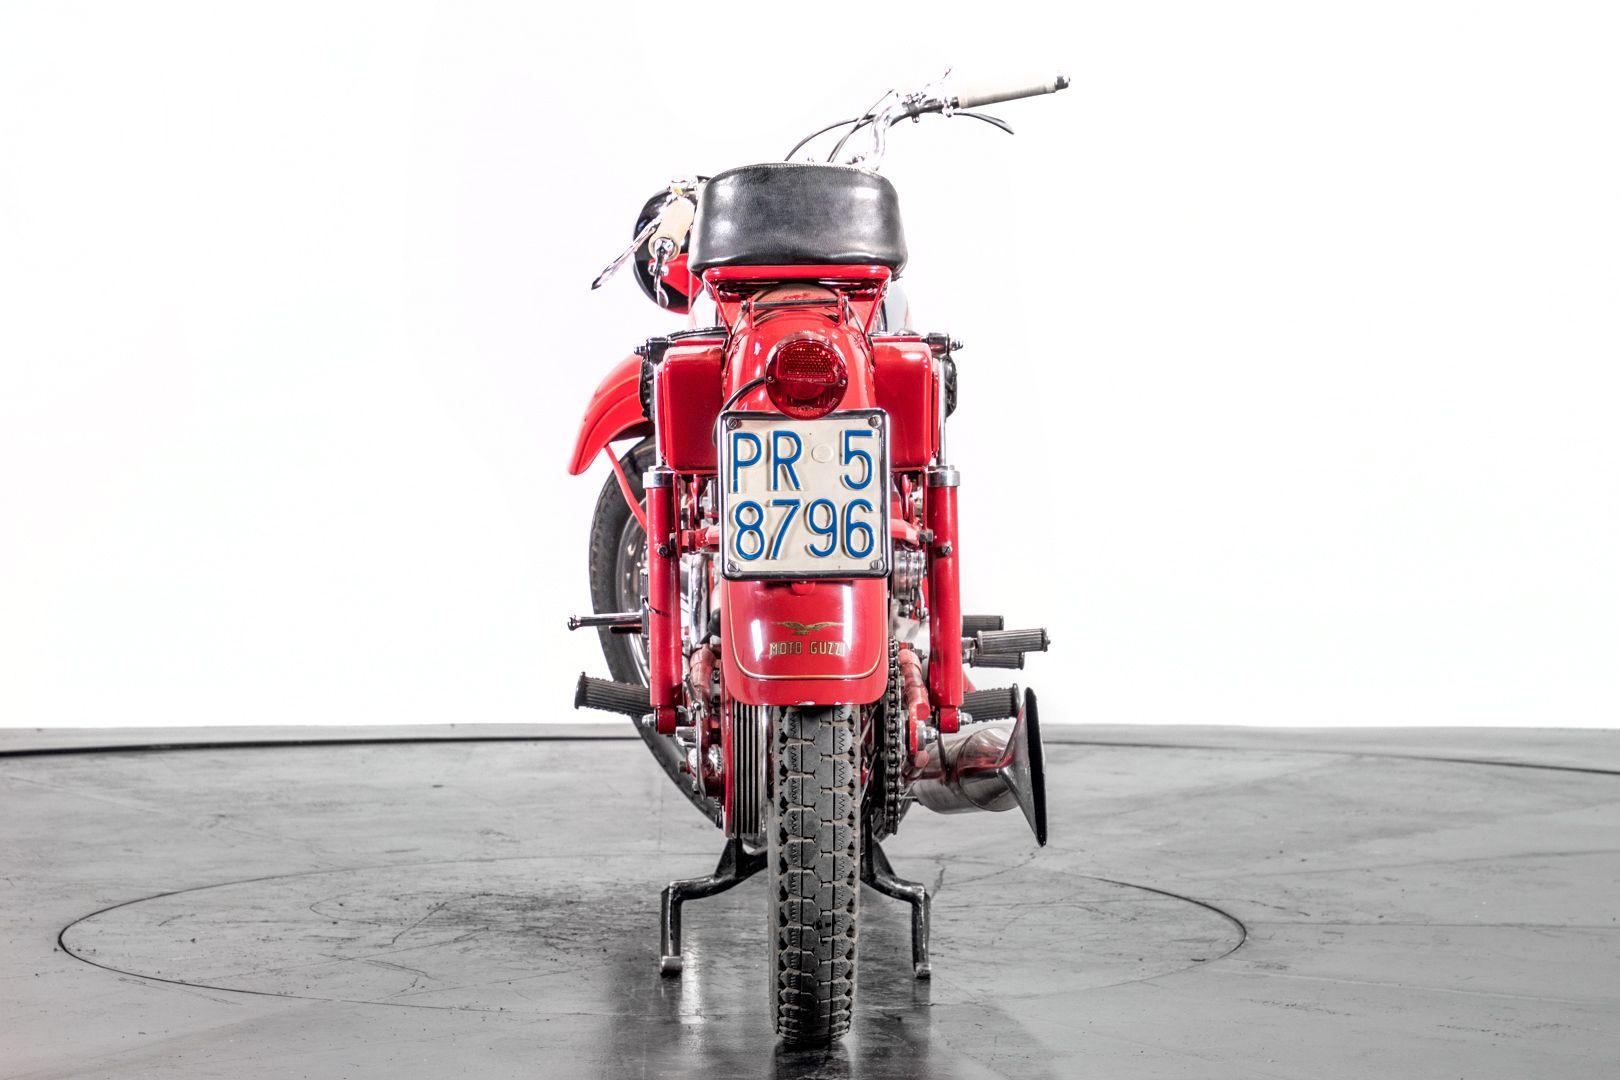 1960 Moto Guzzi GTV 500 74693